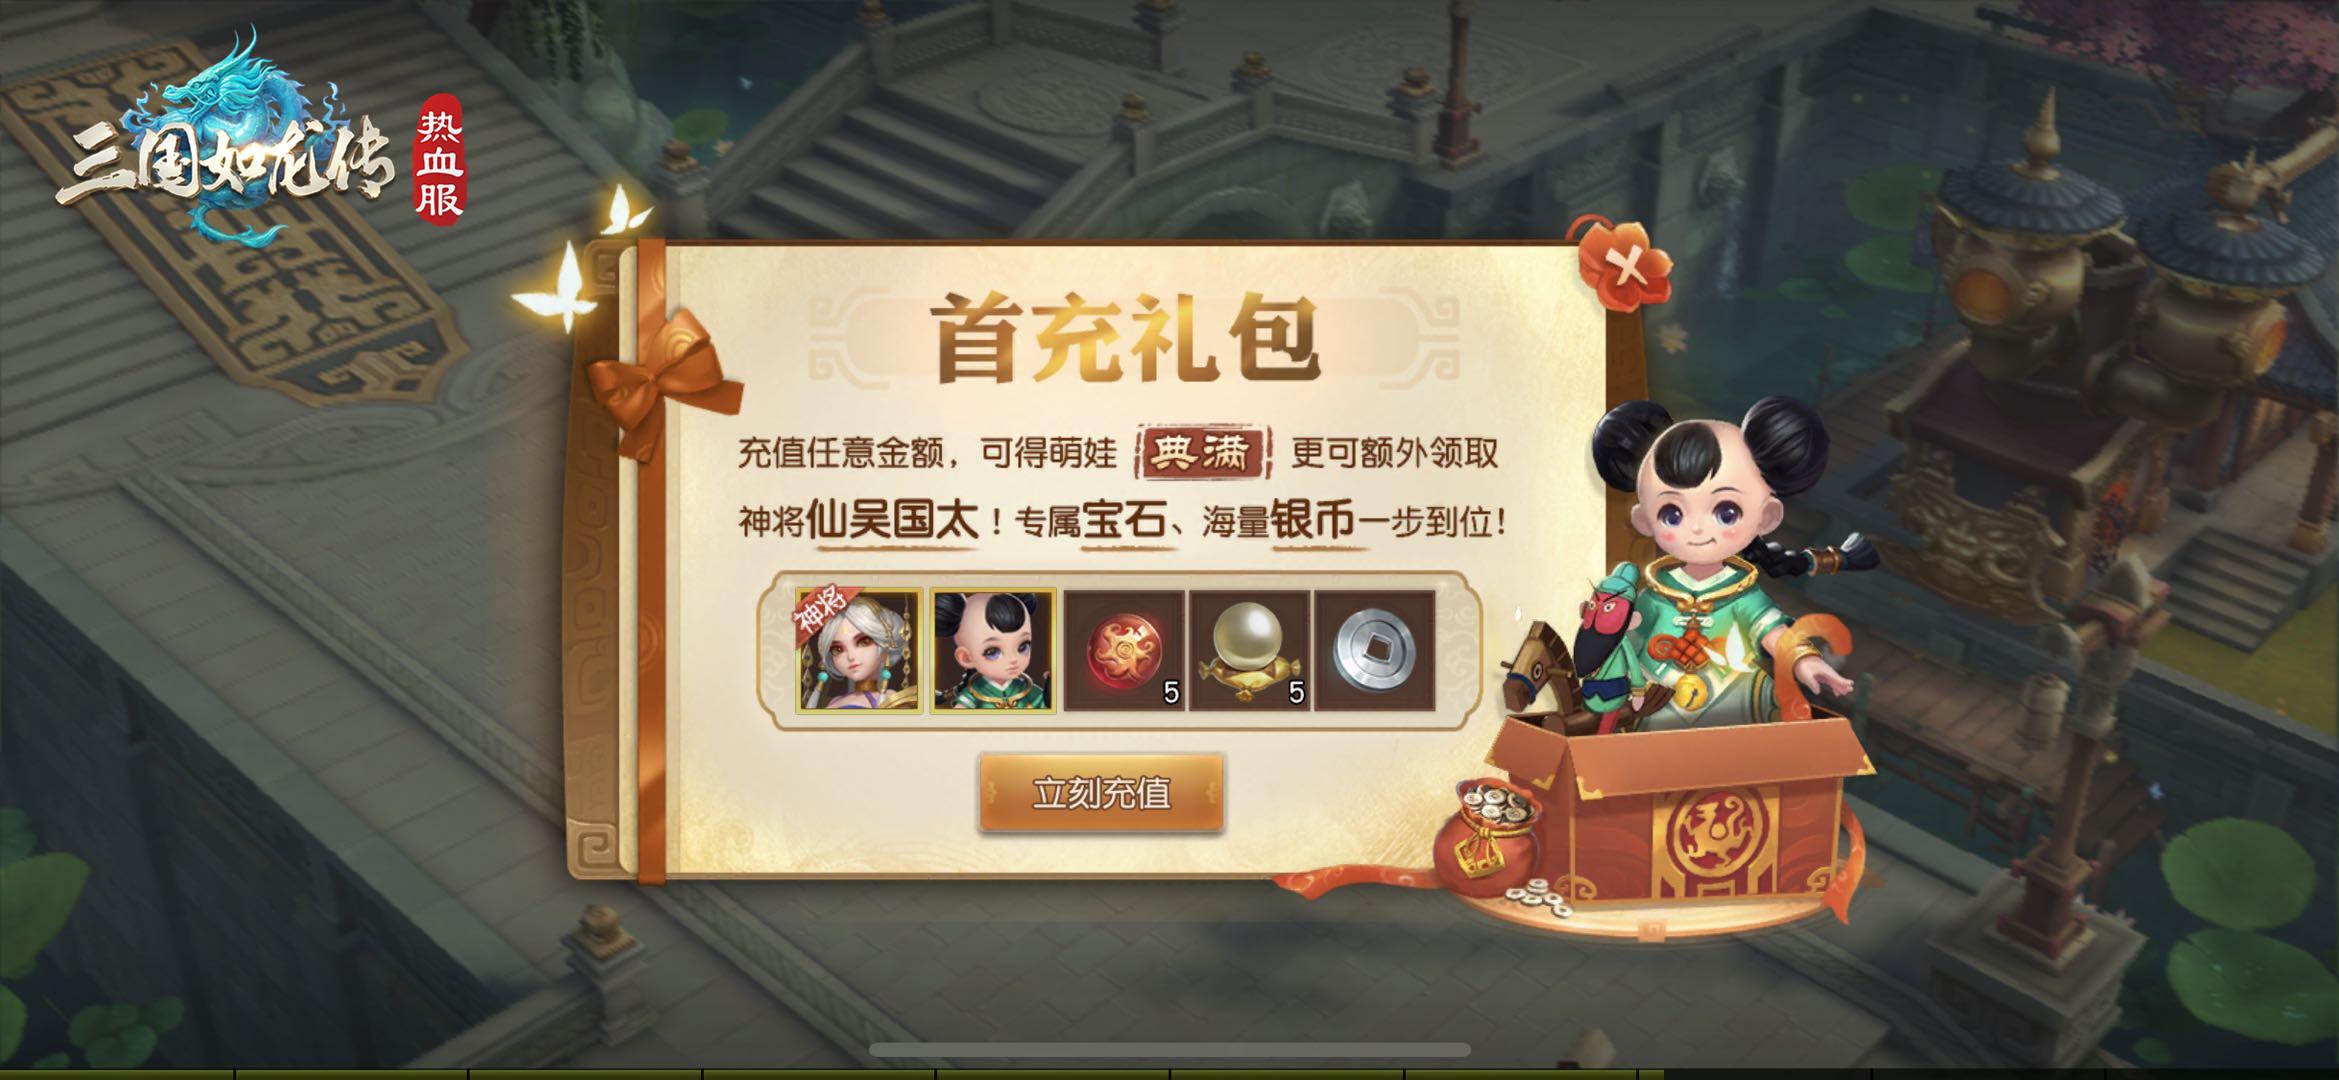 """《三国如龙传》热血新服""""天龙破城""""今日开启"""